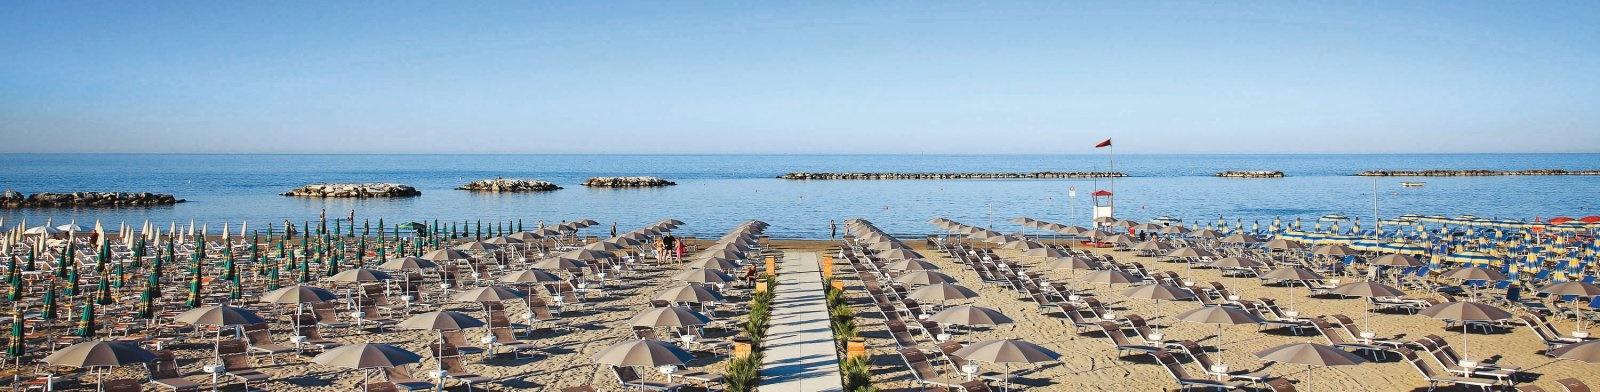 Adriatic Riviera, Italy